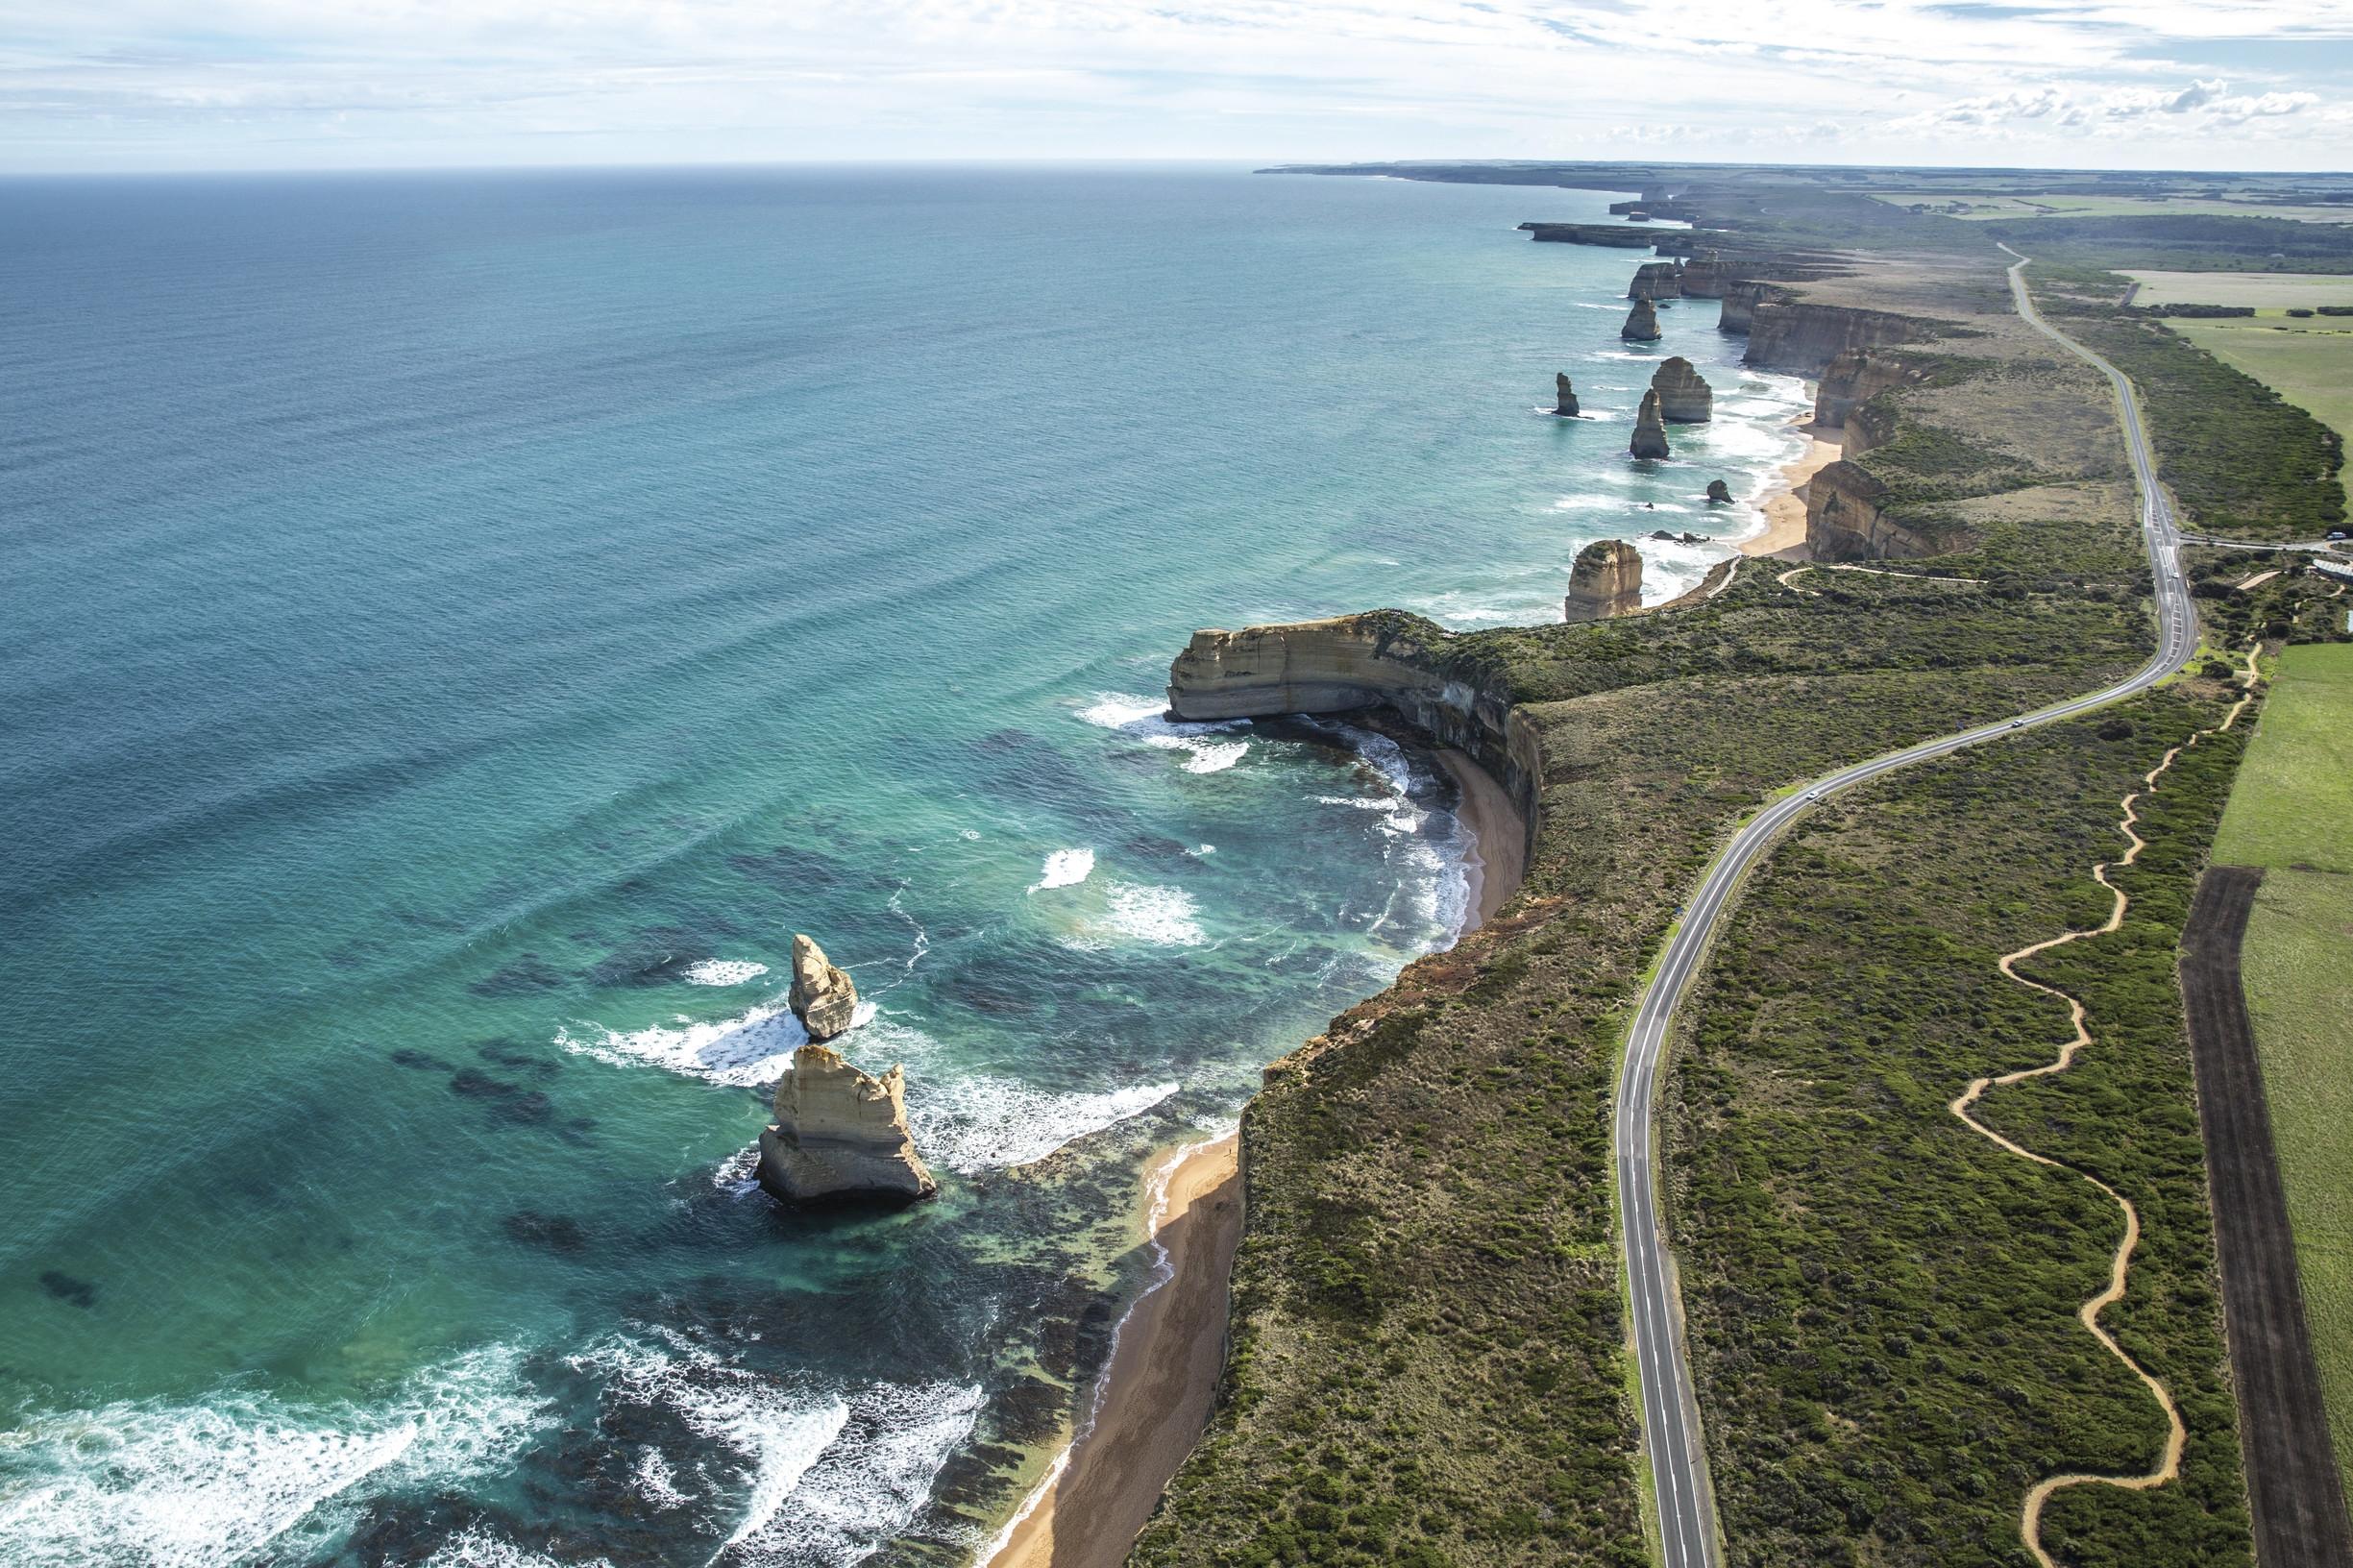 【遇澳倾新】澳大利亚、新西兰11日游<【澳新久久】澳大利亚+新西兰深度游 A59>